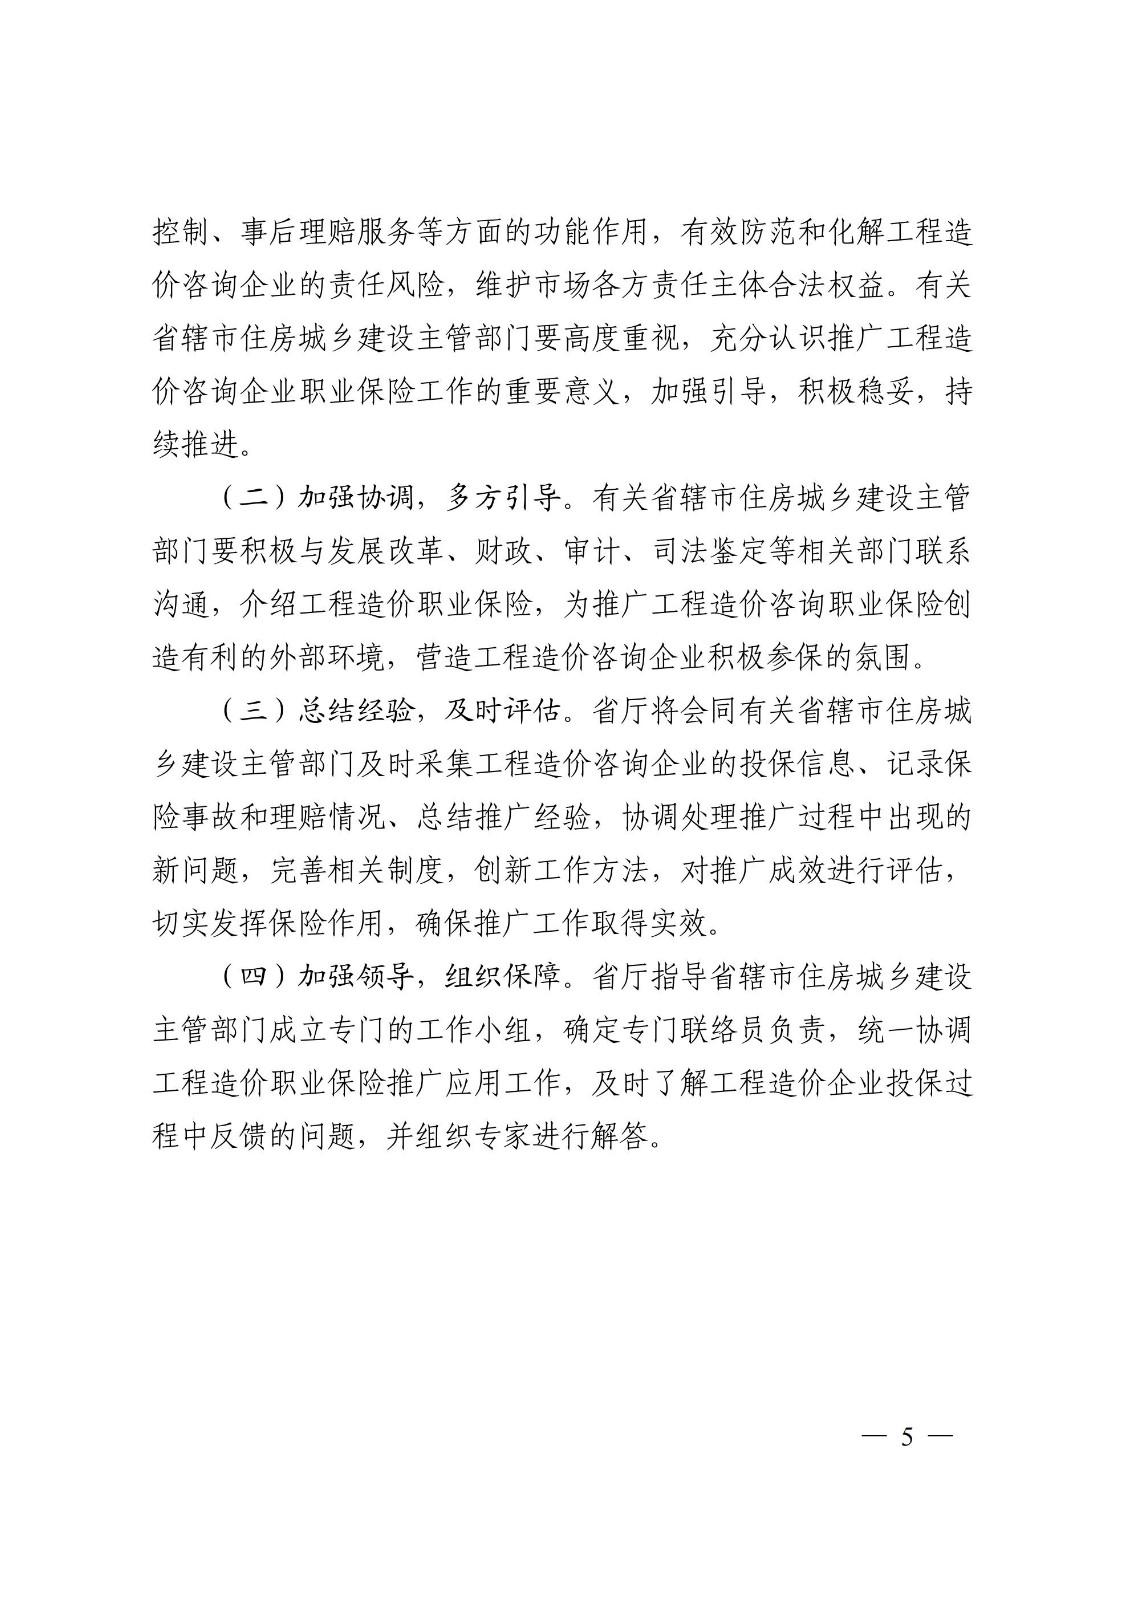 河南省住房和城乡建设厅关于印发《河南省推广应用工程造价职业保险工作方案》的通知_04